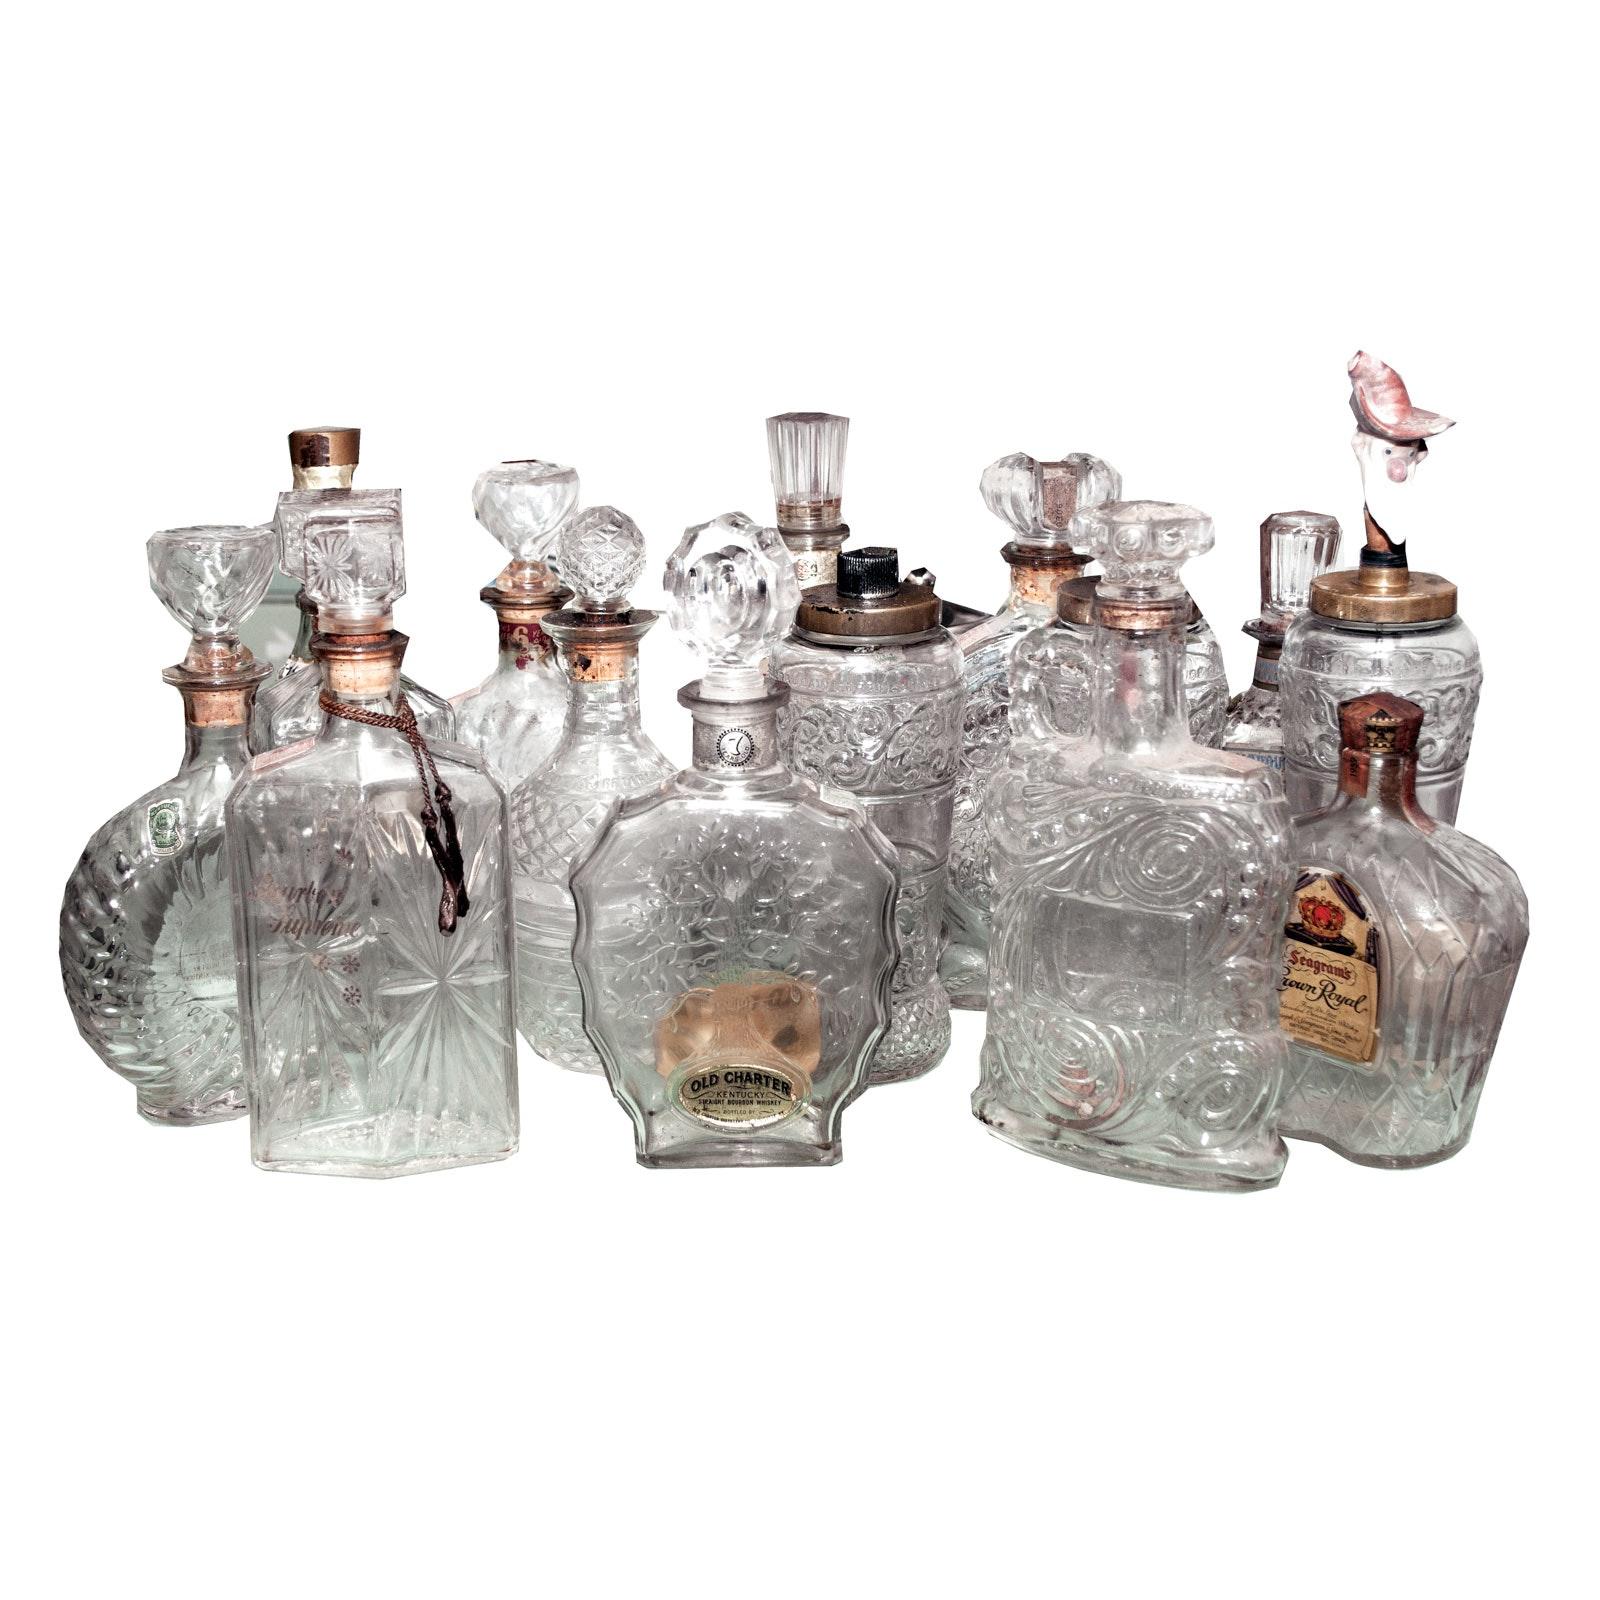 Fifteen Vintage Impressed Glass Liquor Bottles